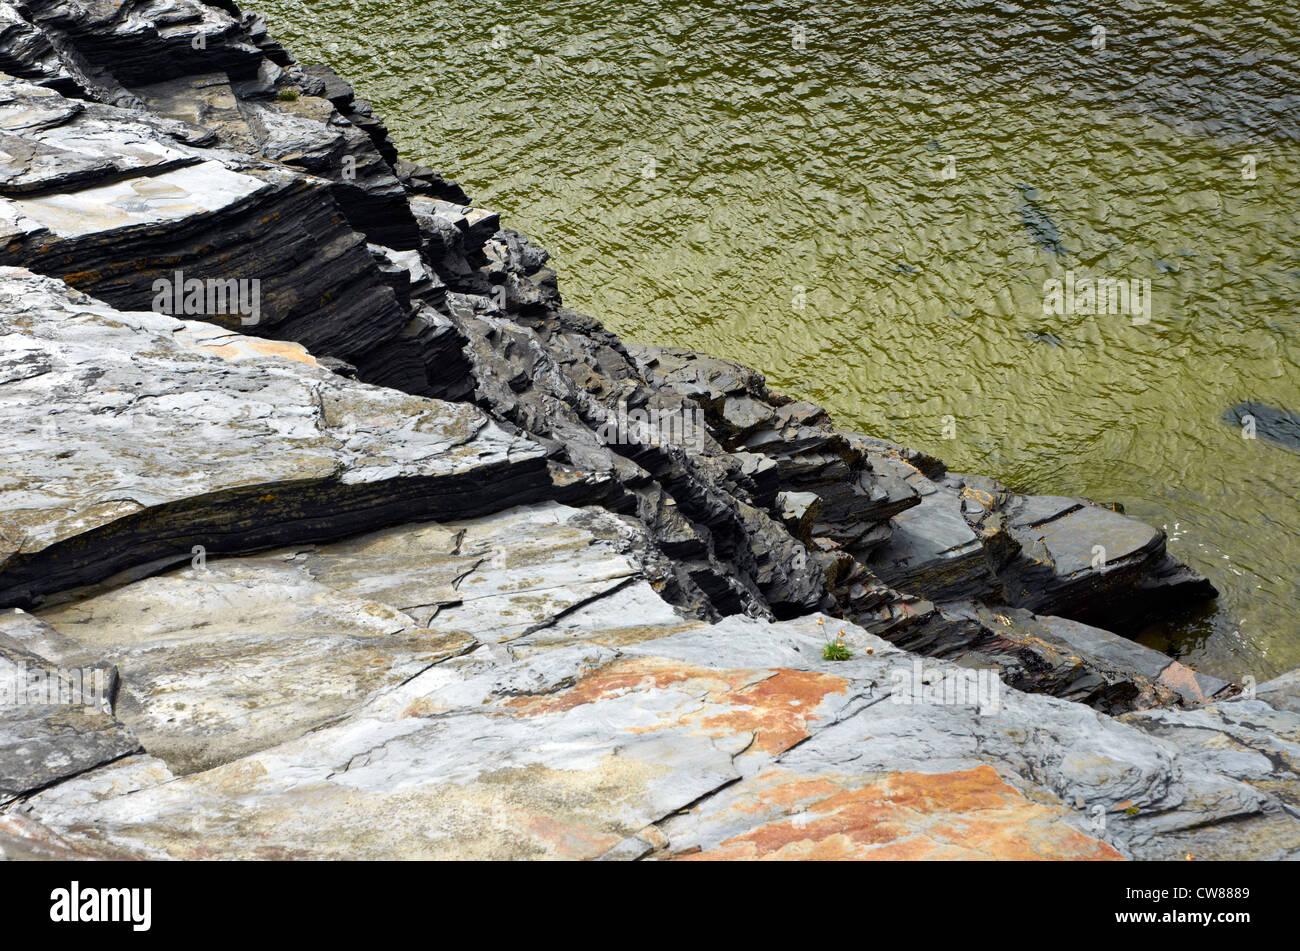 Gut bekannt Eisenflecken Stockfotos & Eisenflecken Bilder - Alamy UW97